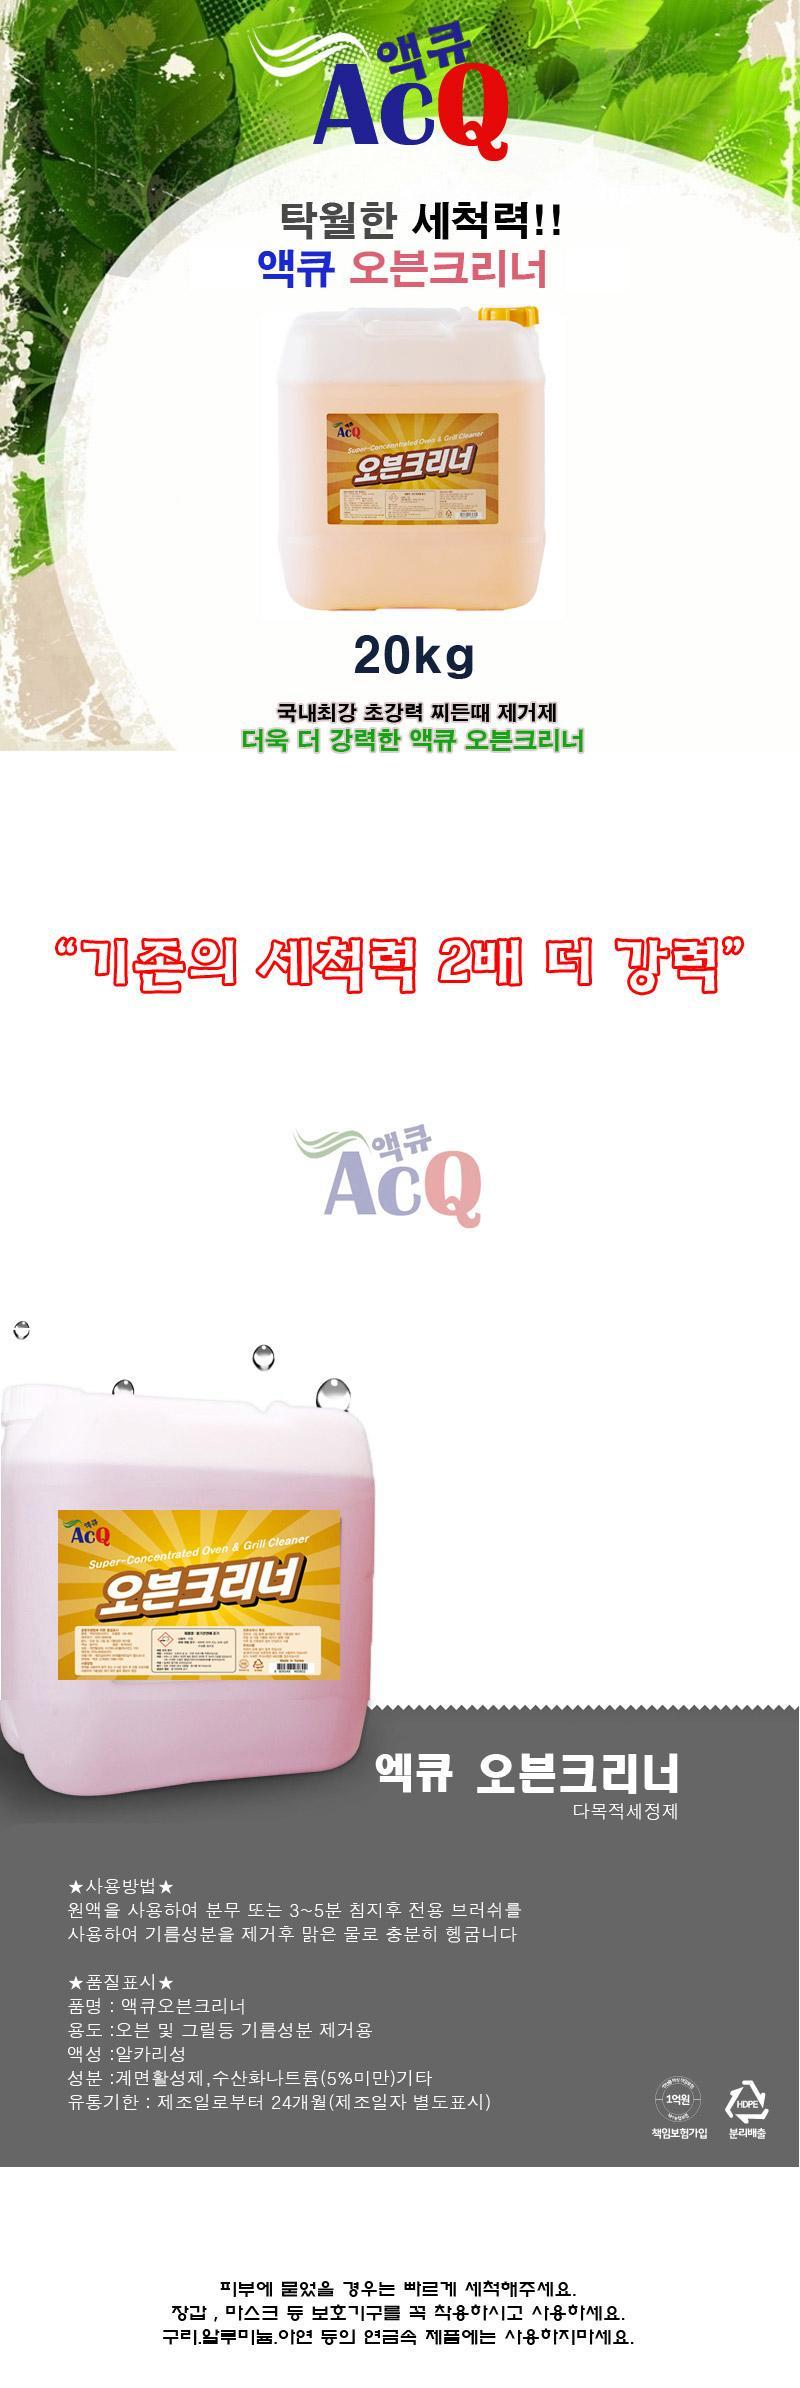 ACQ액큐-액큐 오븐크리너 그릴크리너 20kg (1EA) 음식 음식점주방세제 그릴세정제 그릴세제 불판닦기 업소용세제